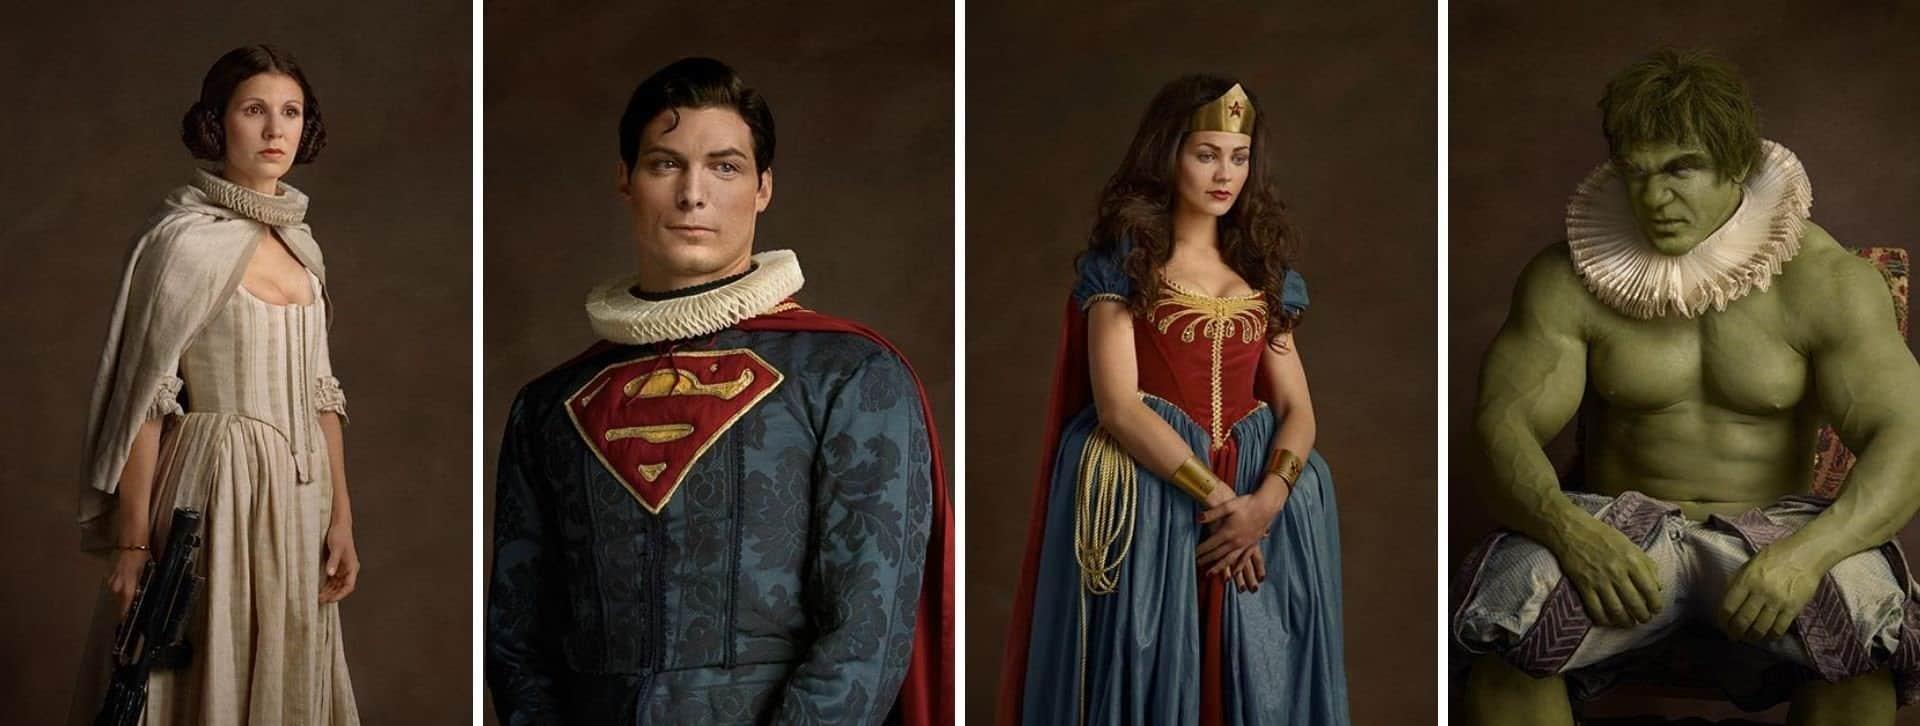 Un fotógrafo mostró cómo se verían superhéroes y personajes de la cultura pop como pinturas del Siglo XVI